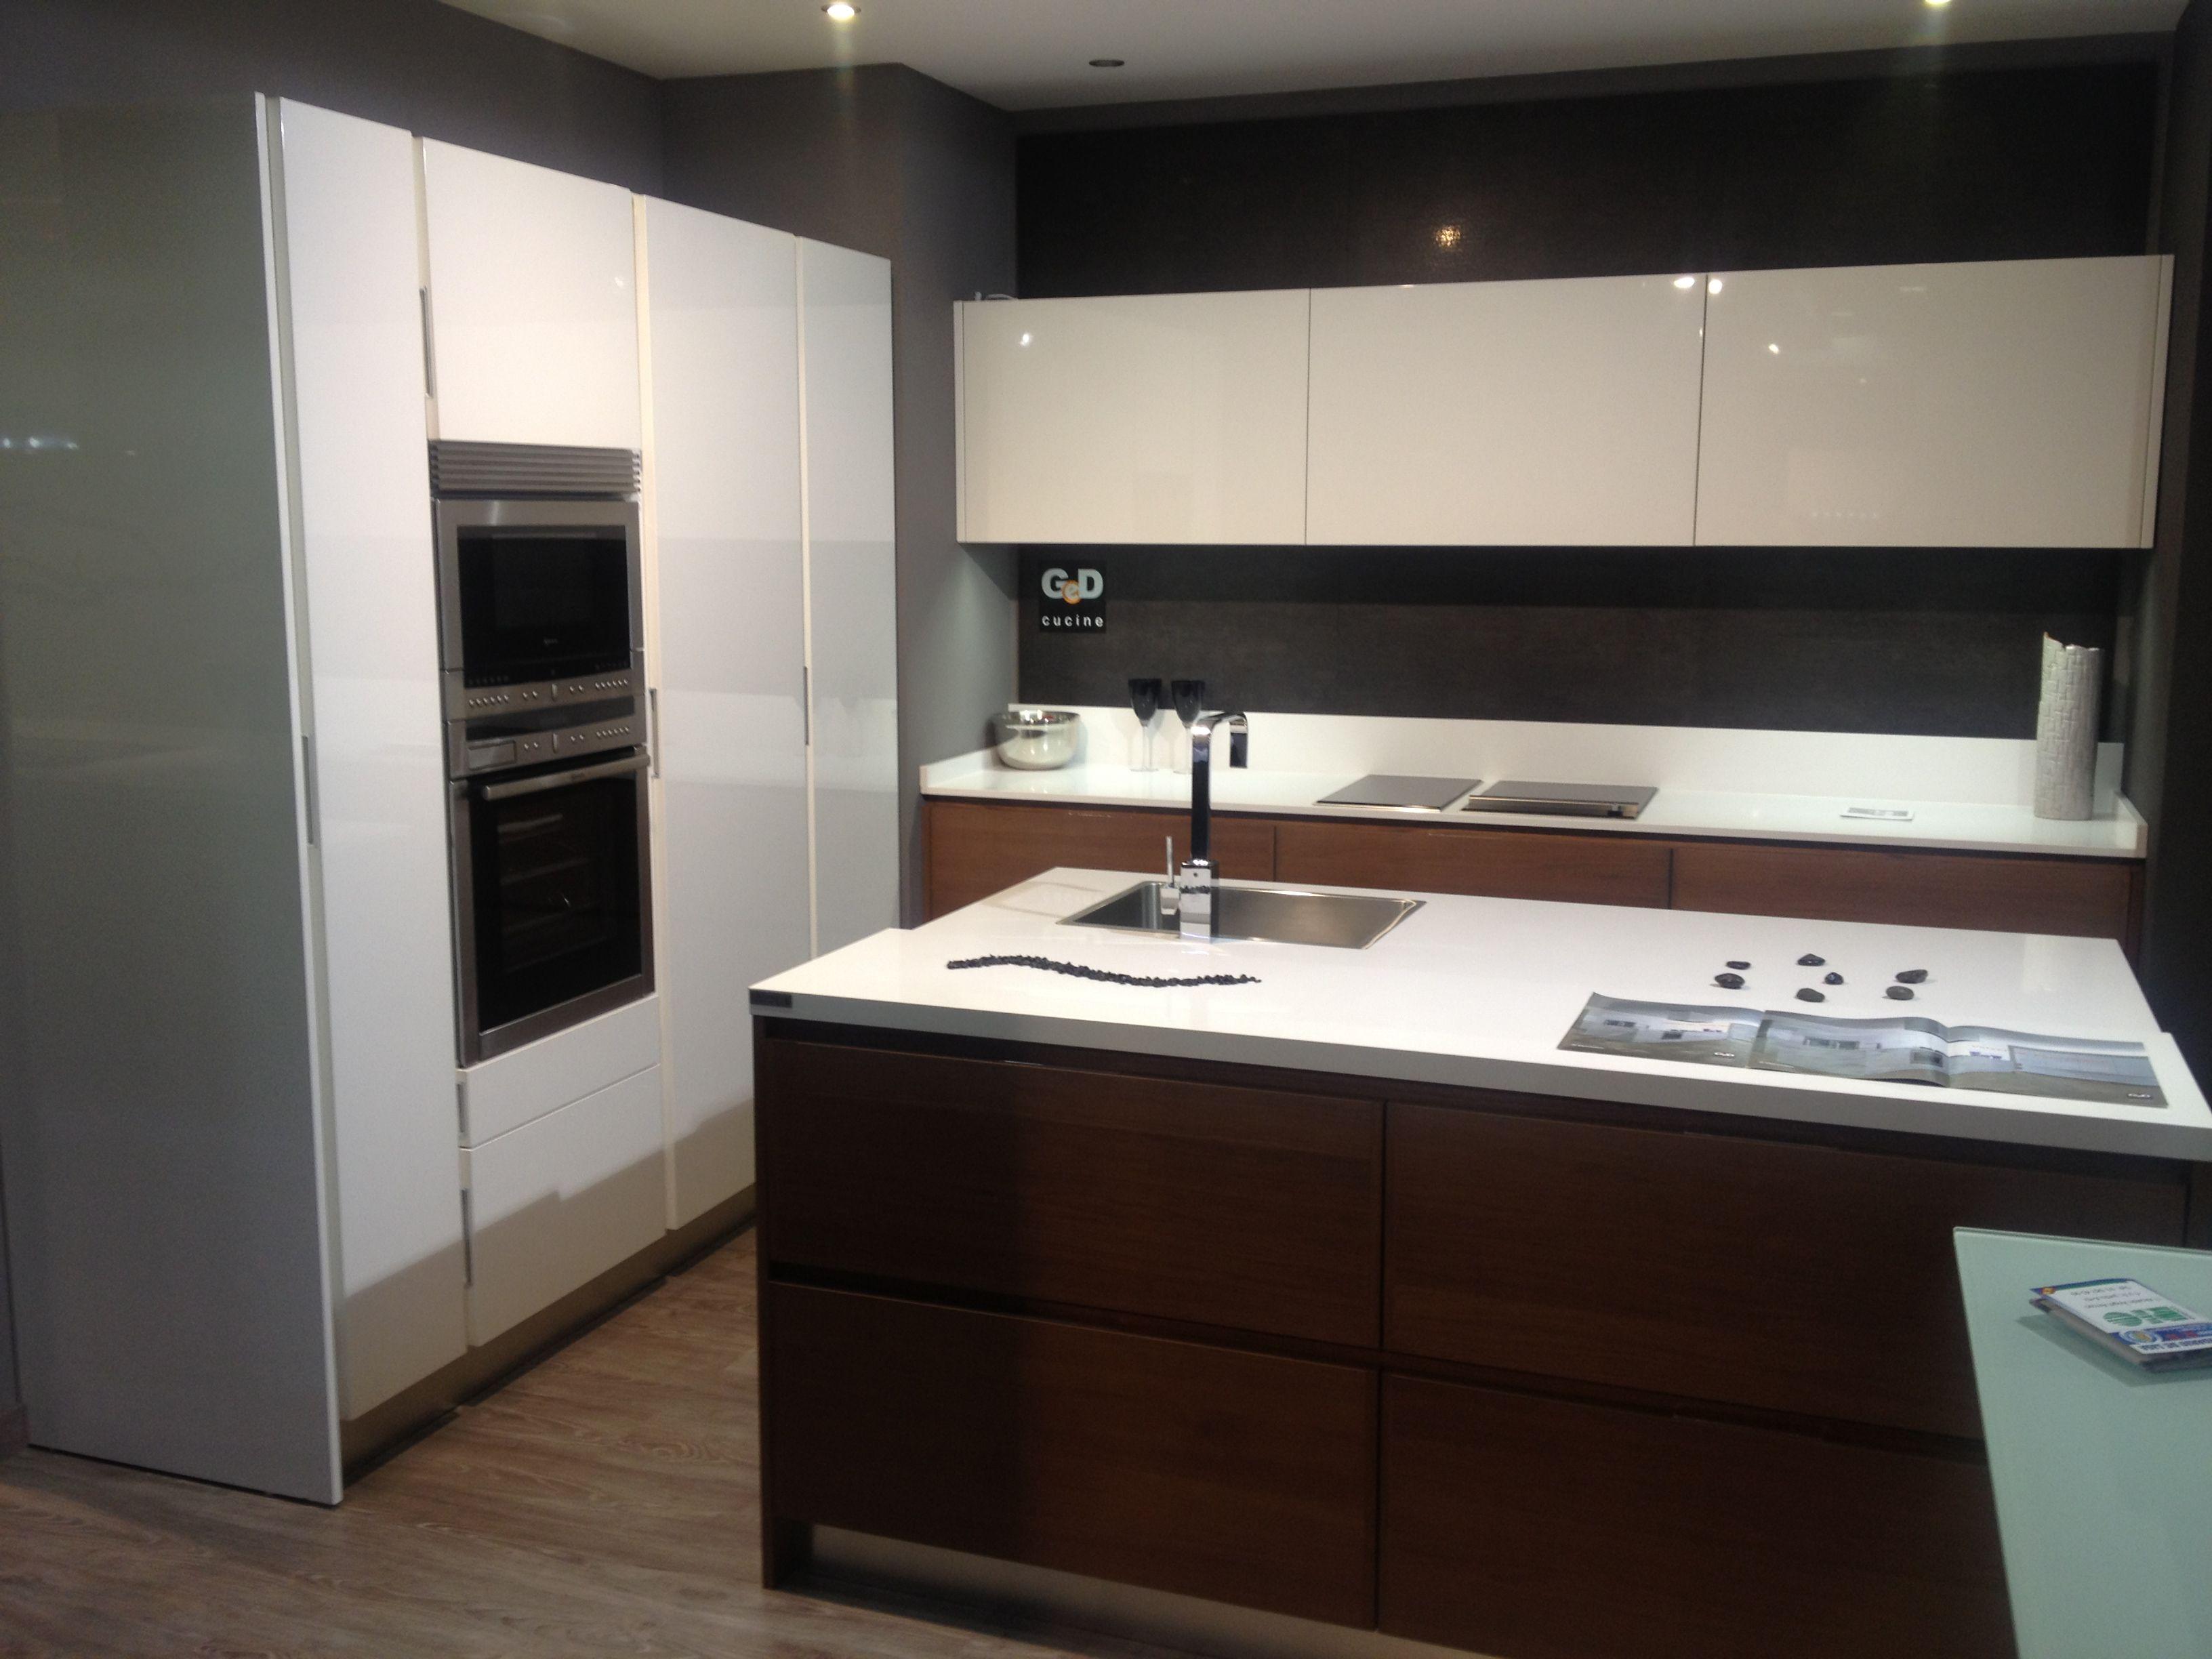 Puedes comprar neff en muebles de cocina r o calle - Muebles de cocina madrid ...